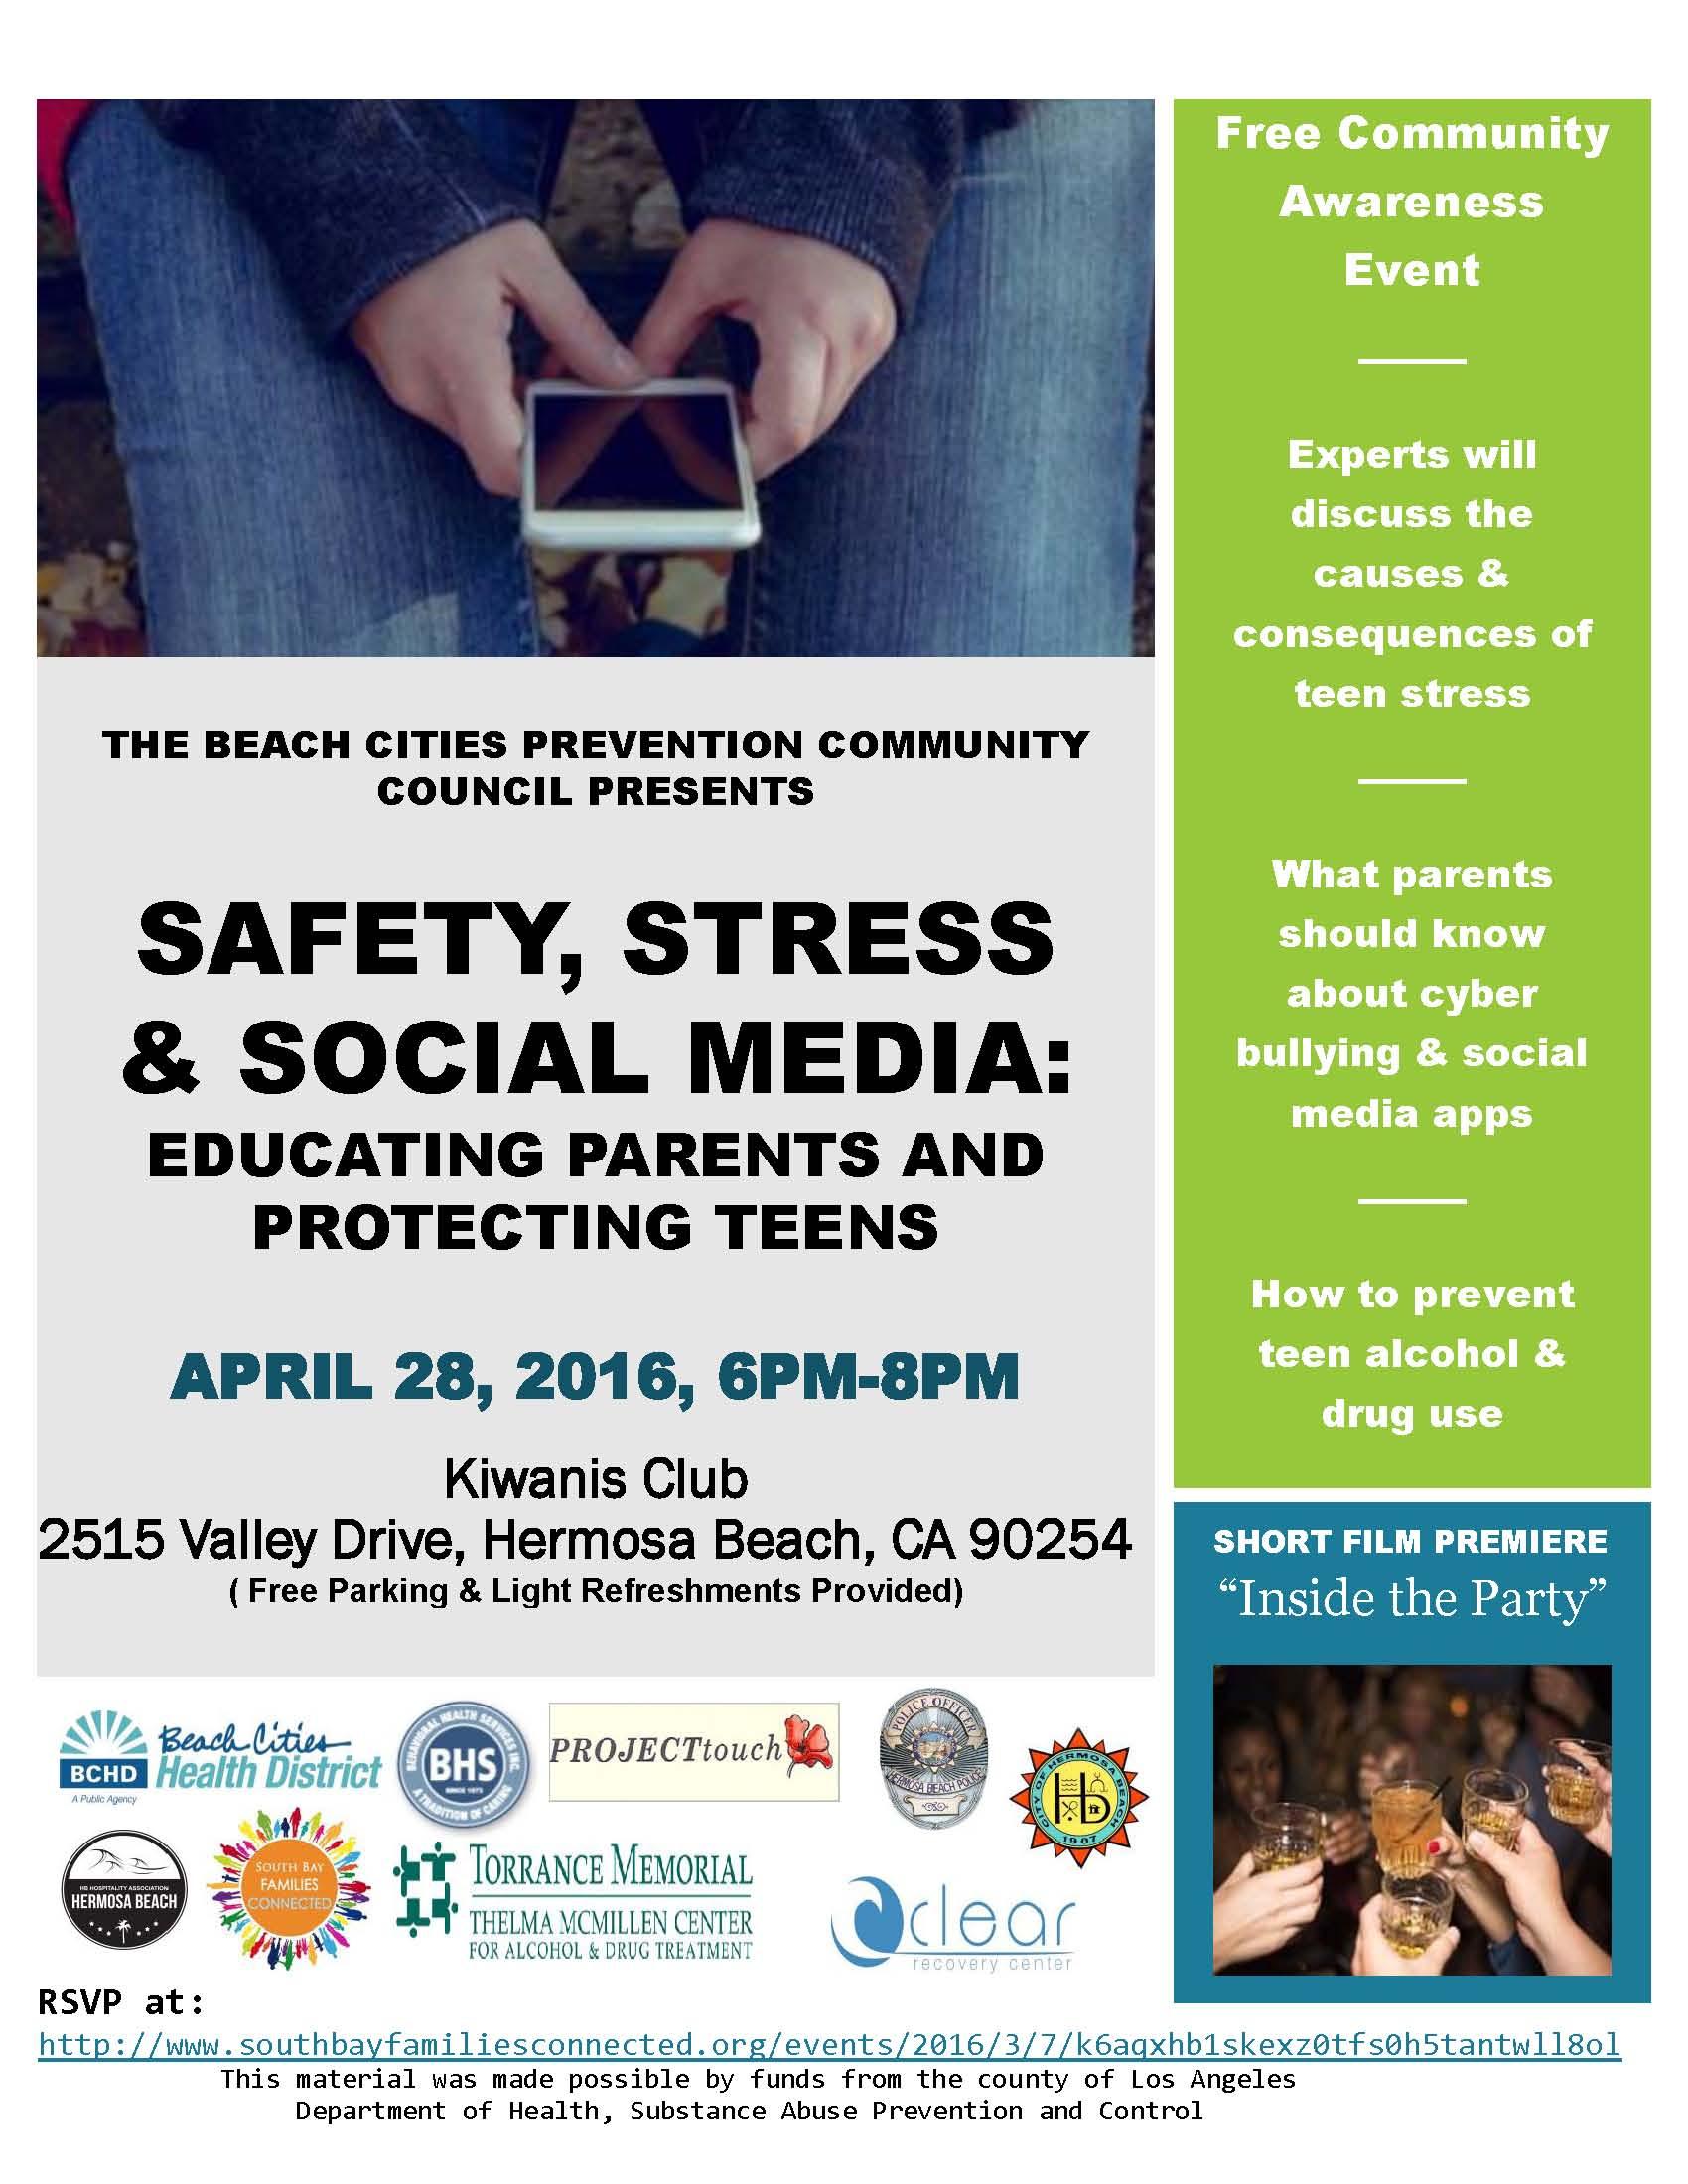 safety-stress-social-media